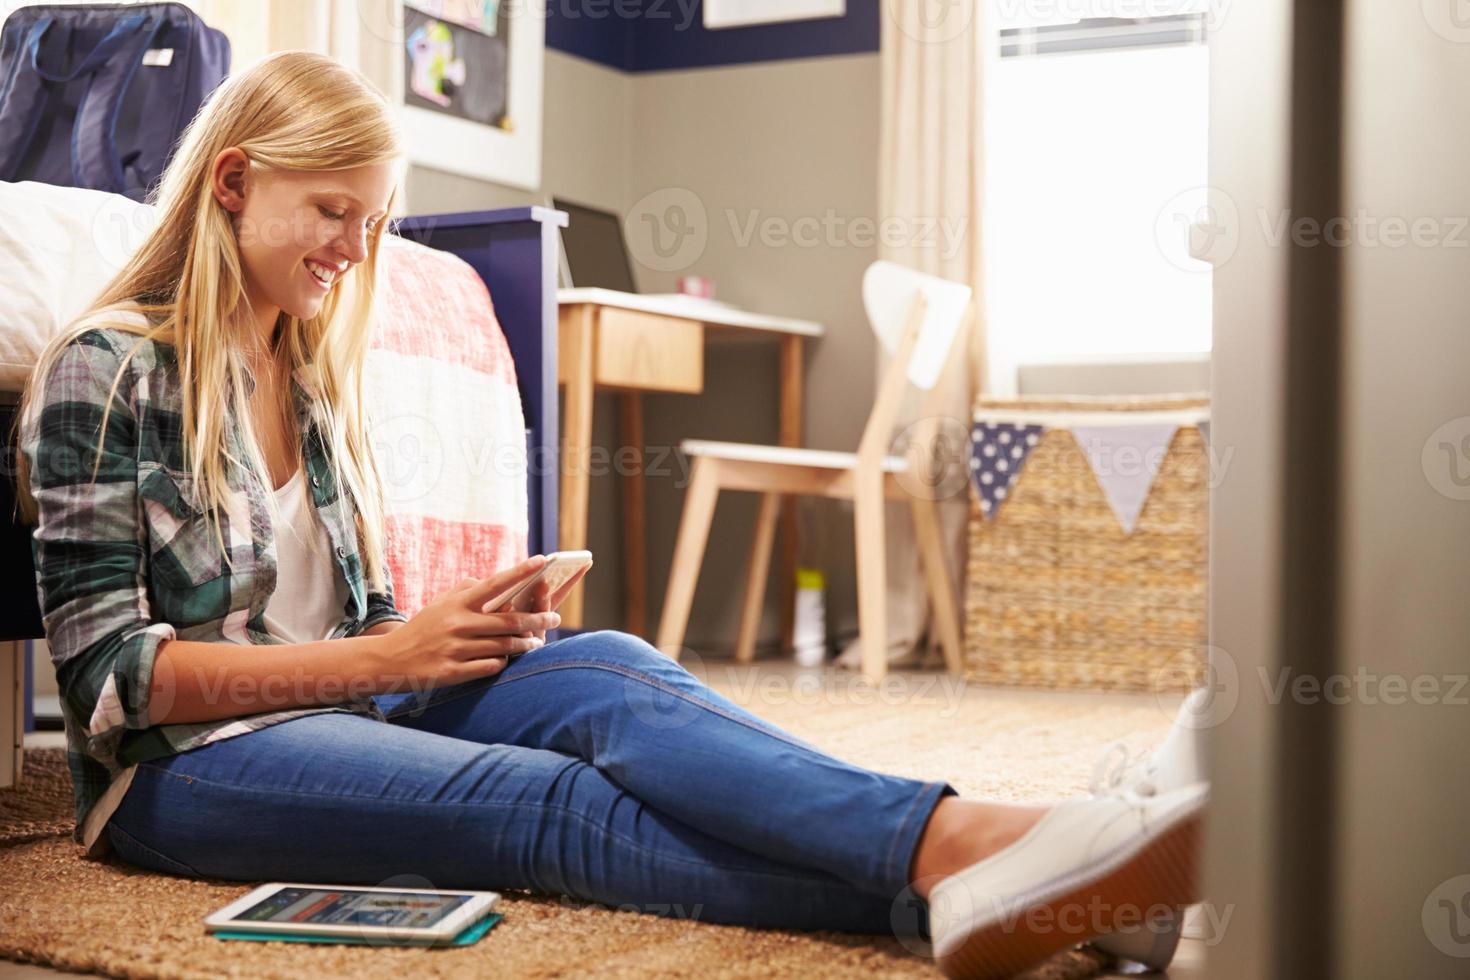 Girl using smart phone in her bedroom photo